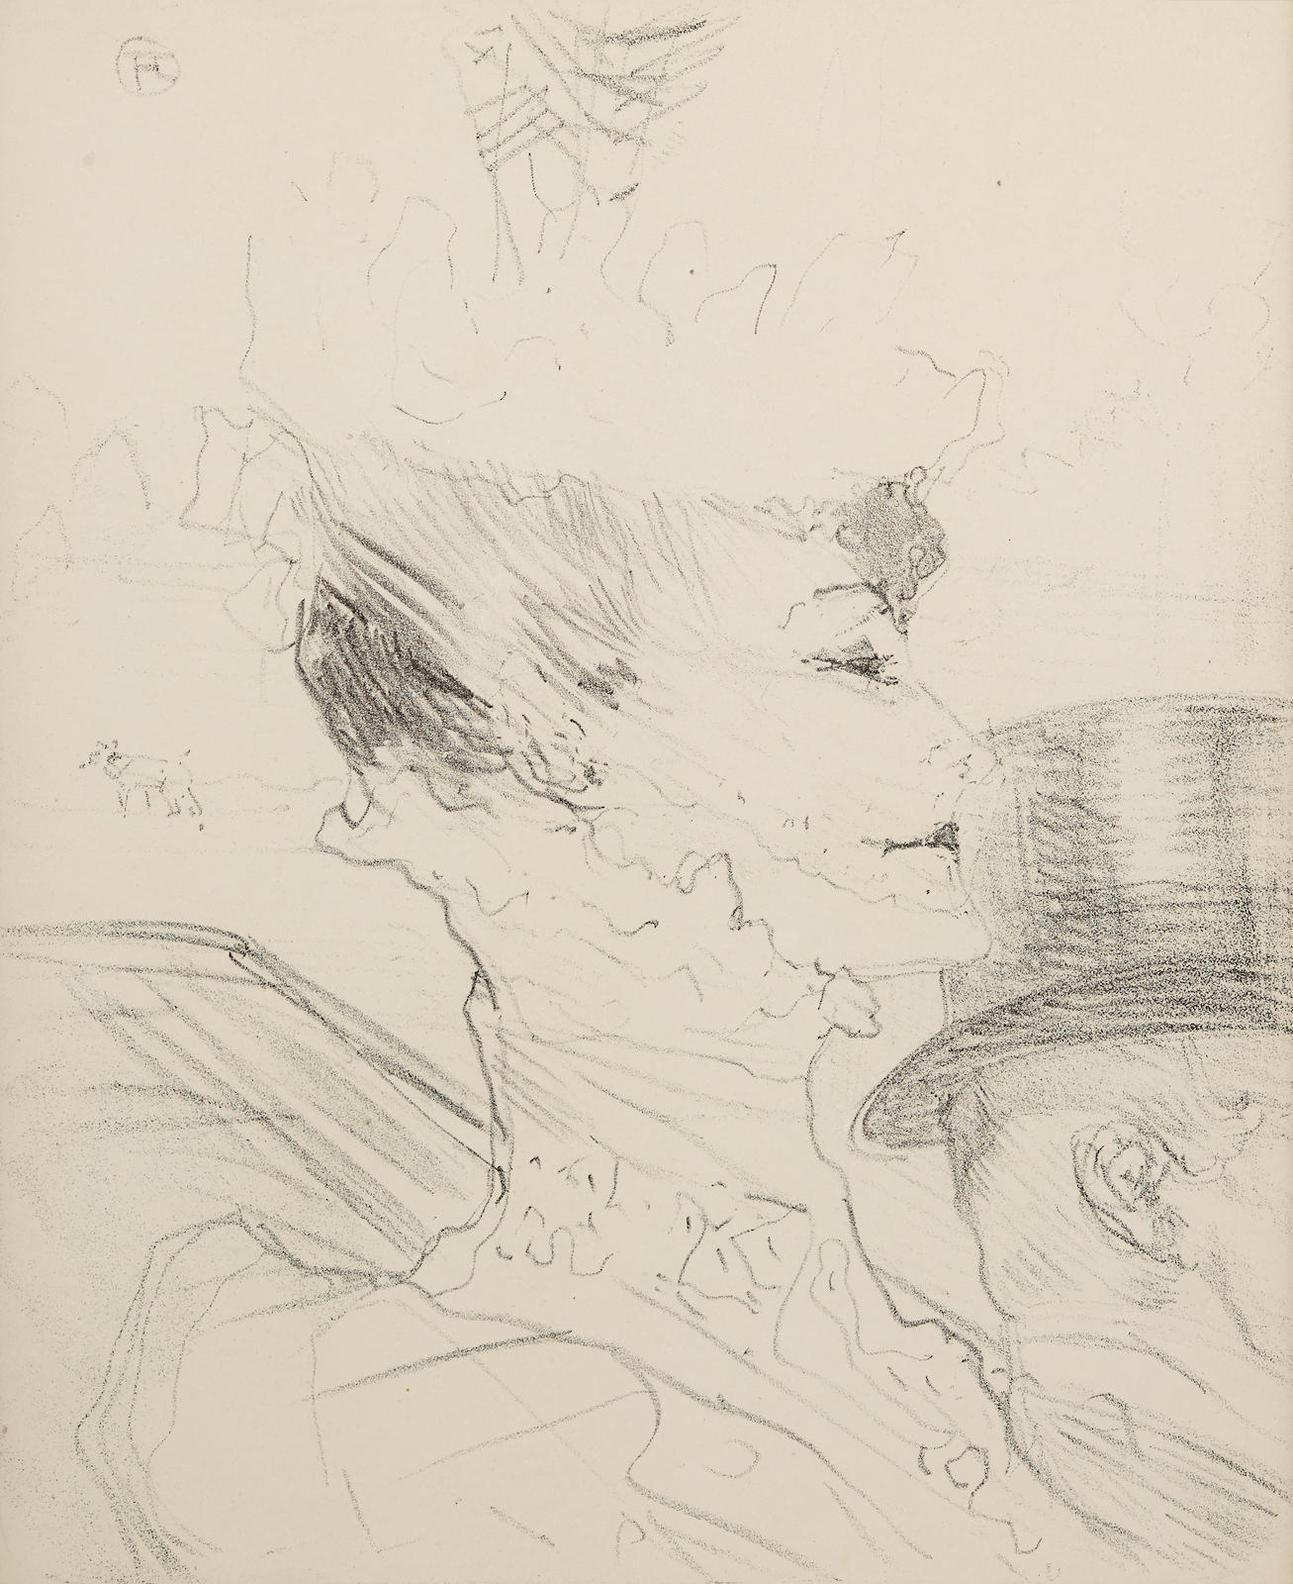 Henri de Toulouse-Lautrec-Louise Balthy, From Treize Lithographies-1898